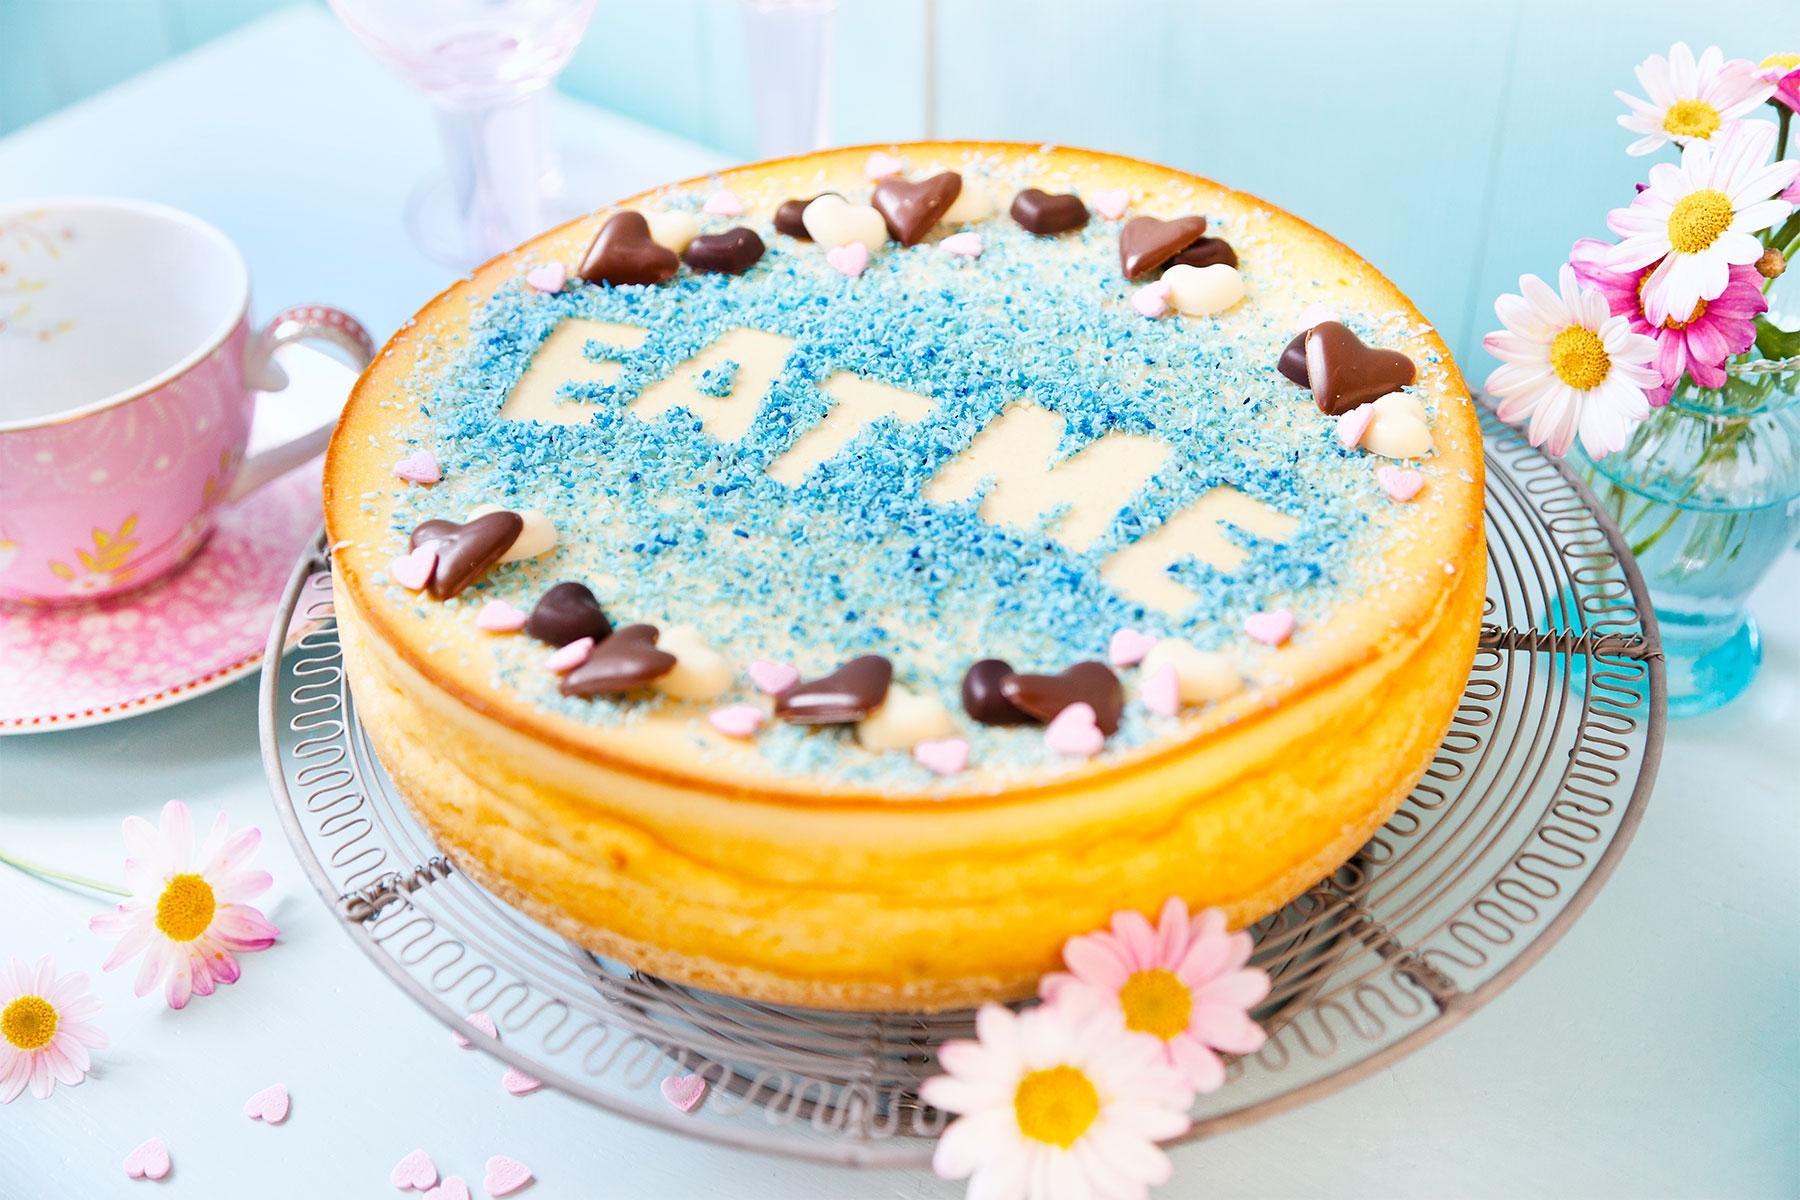 Anleitung und Rezept mit Ideen zum Kuchen durch Schablonen dekorieren